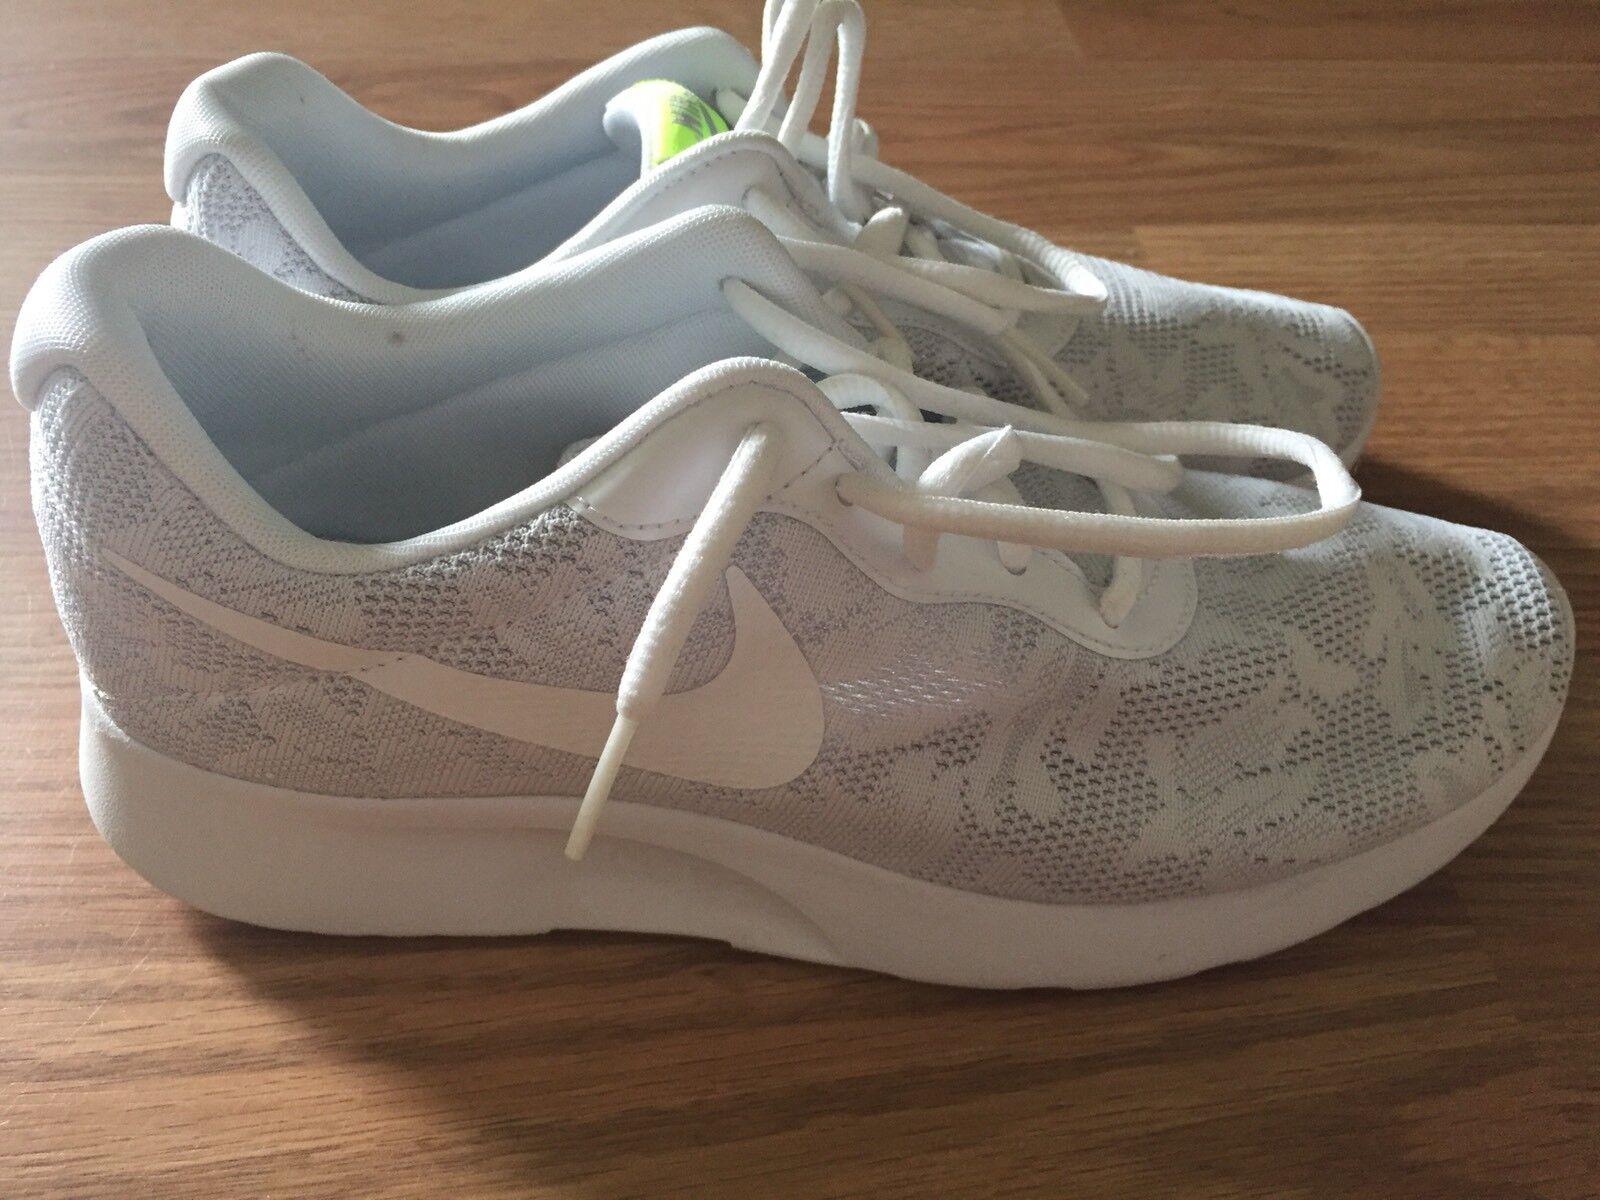 0ec19f55f55 Nike Tanjun Running Women s Shoes Size 8